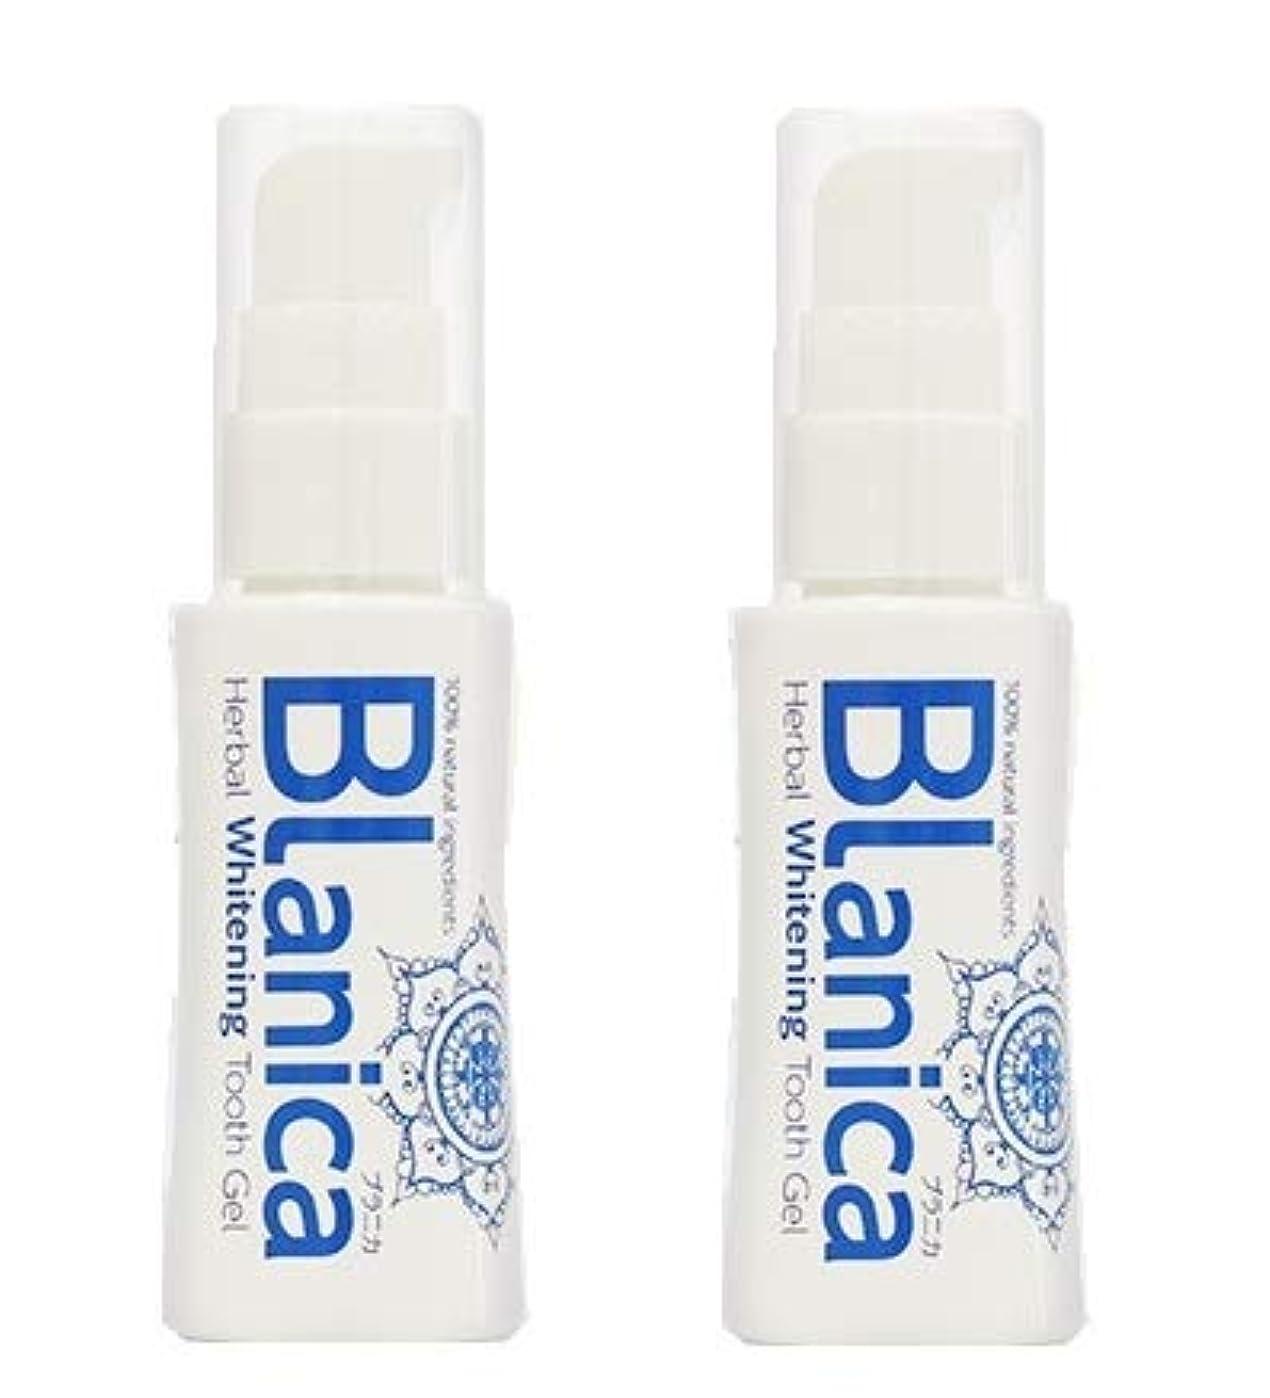 ライター夜明けにカセットBlanica ブラニカ ホワイトニングジェル歯磨き 30g × 2本